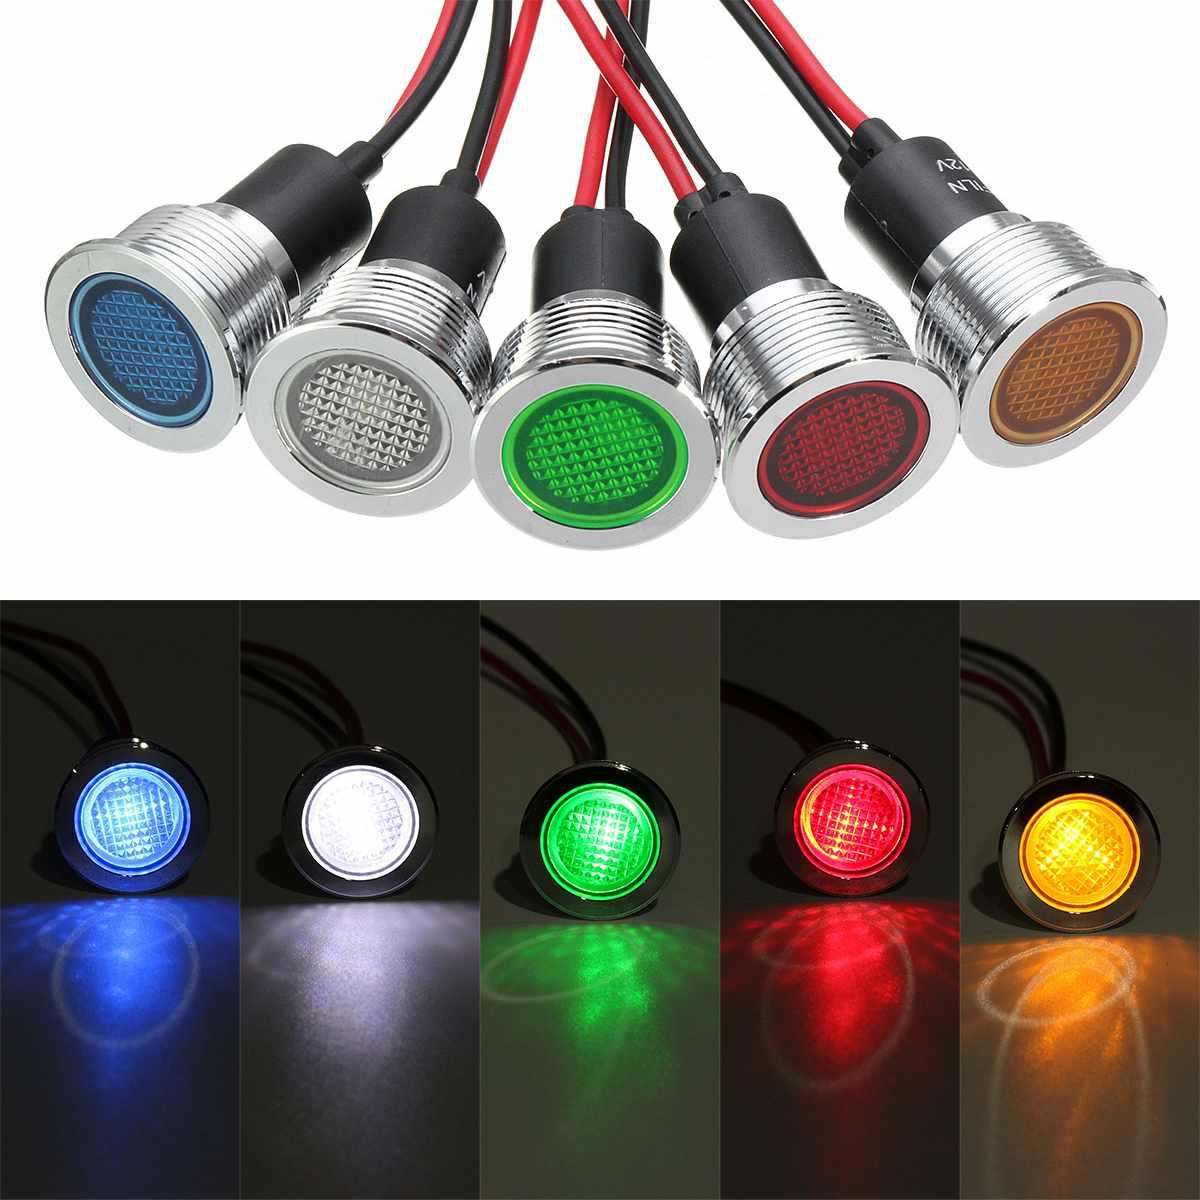 19mm 12V LED Panel Dash luz indicadora advertencia luz coche barco señal lámpara rojo amarillo verde blanco azul 5 colores